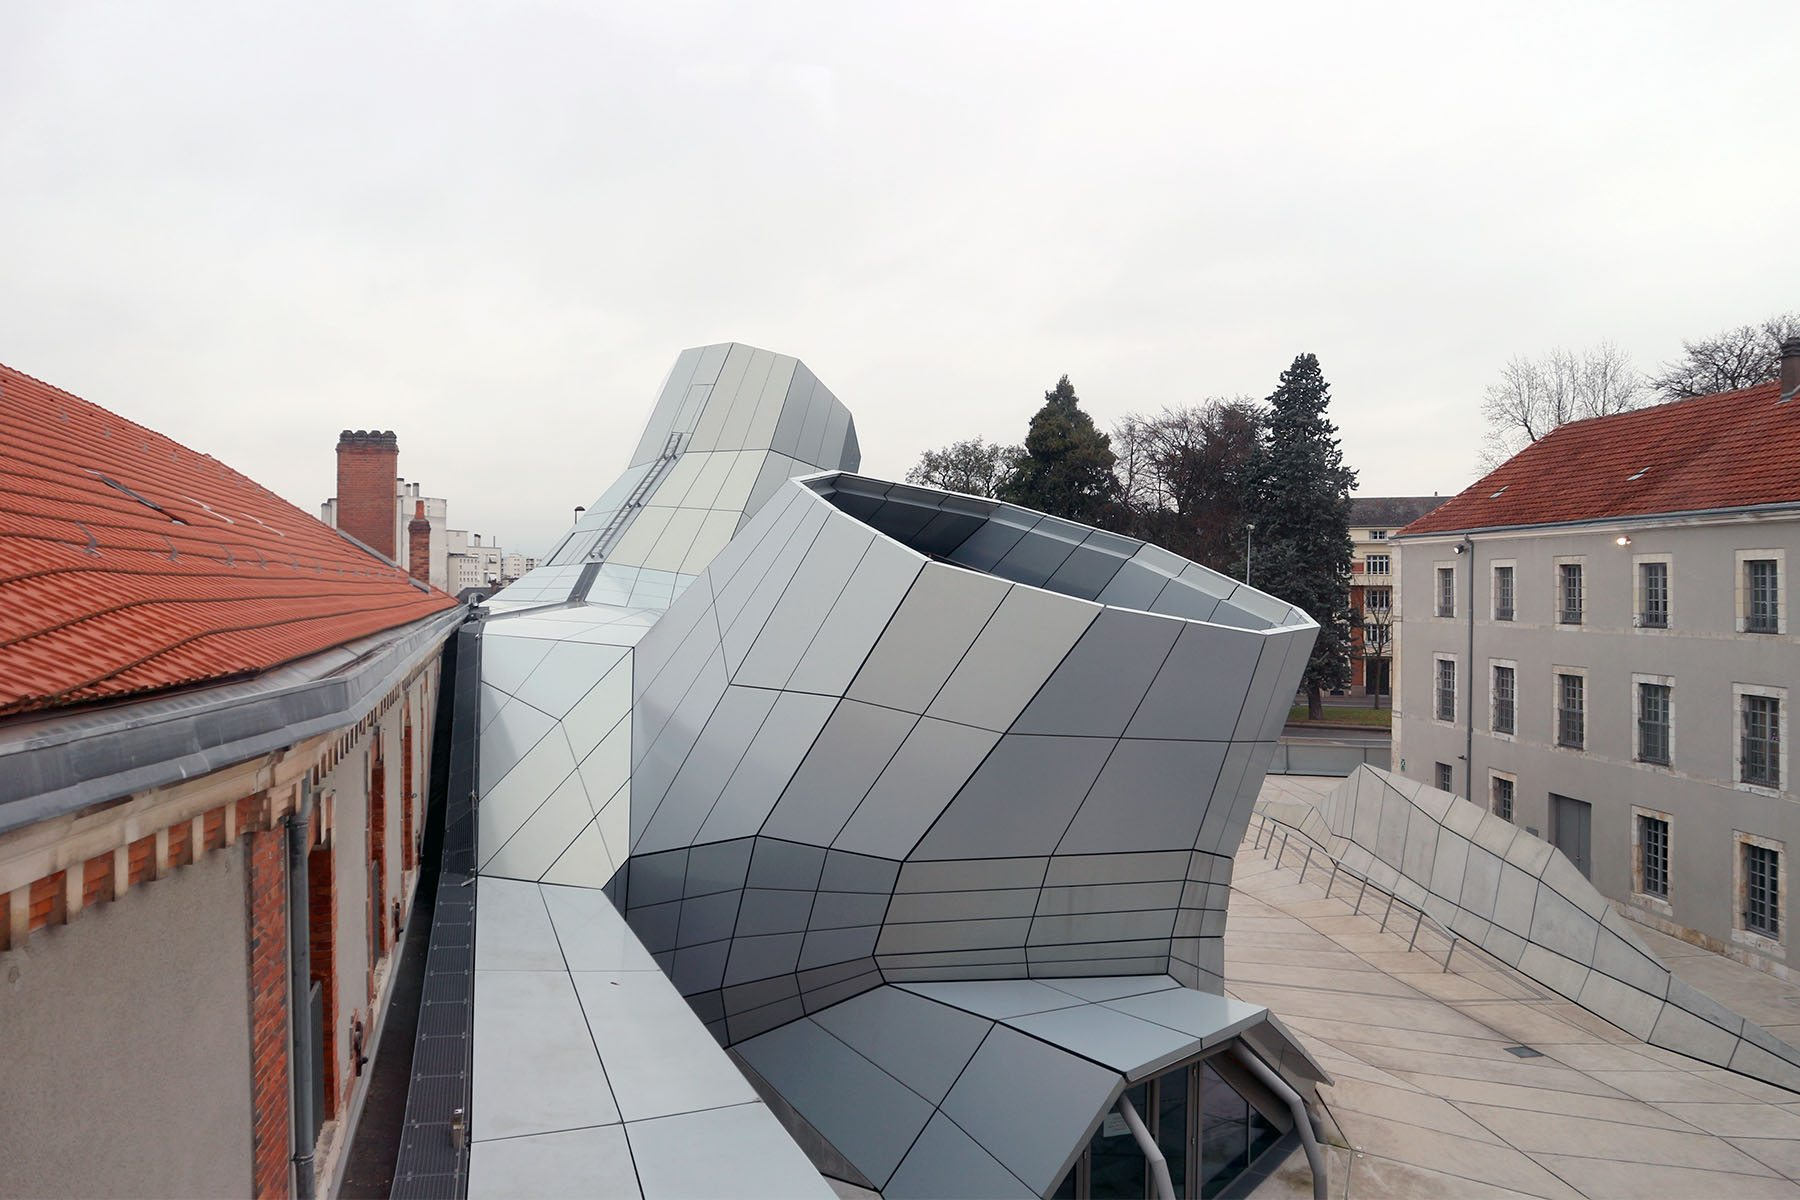 Orléans. Der zeichenhafte Erweiterungsbau setzt einen klaren Kontrast zu den bestehenden Gebäuden eines ehemaligen Militärdepots.